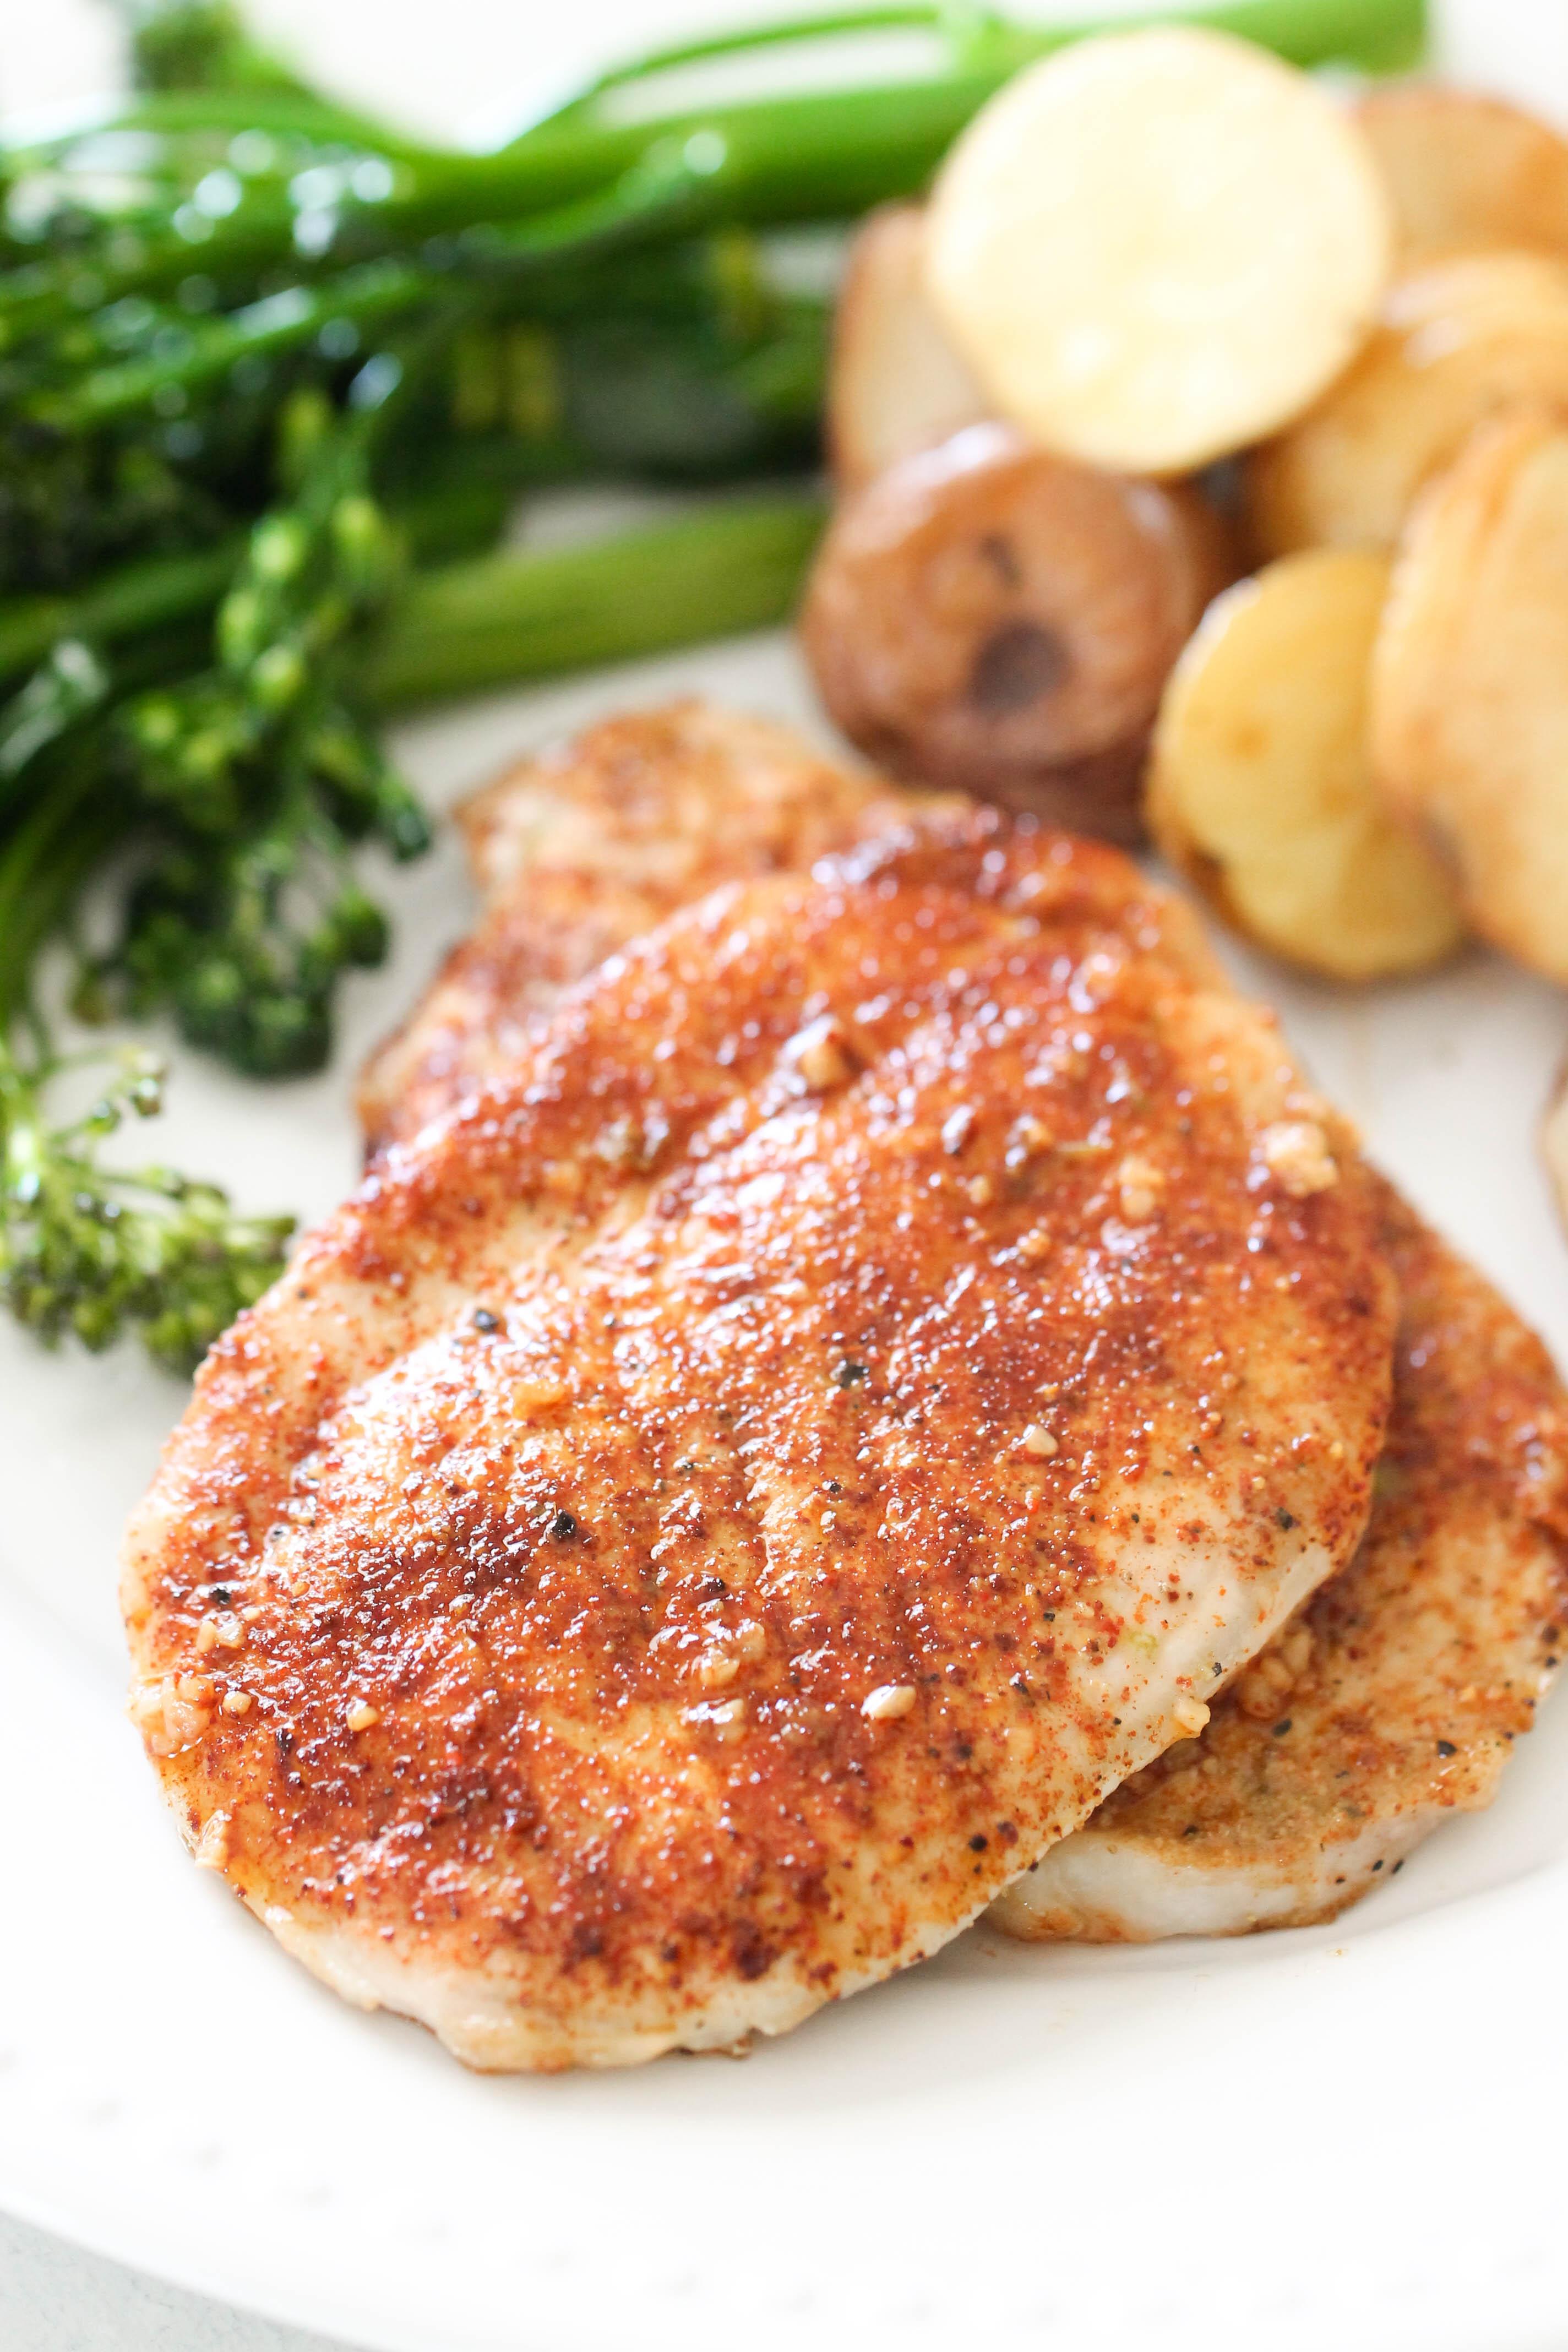 Nutrition Details | Meal Planner Pro